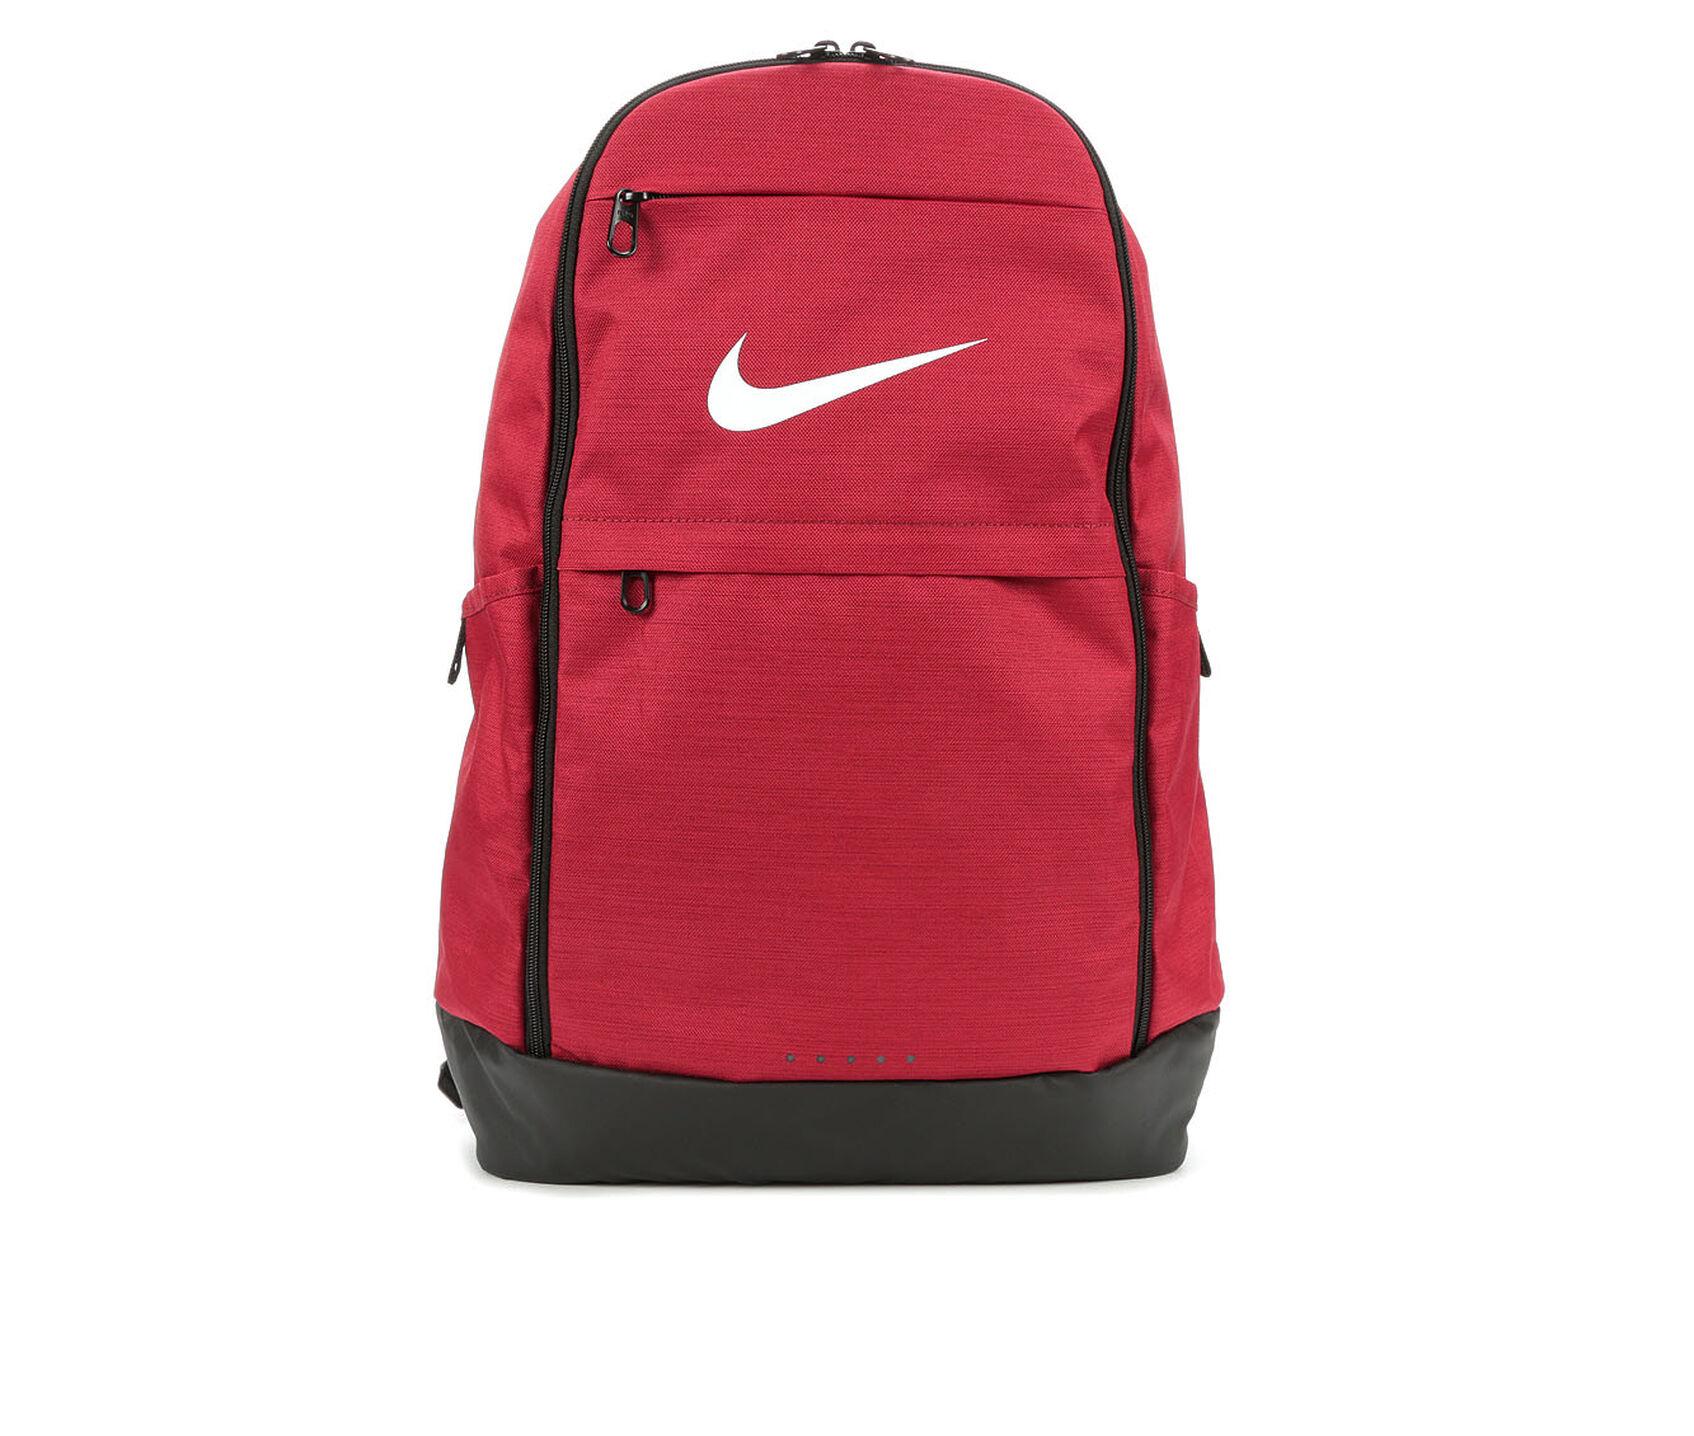 Nike Brasilia 6 Mesh Xl Backpack- Fenix Toulouse Handball 61b6e9deacb2a